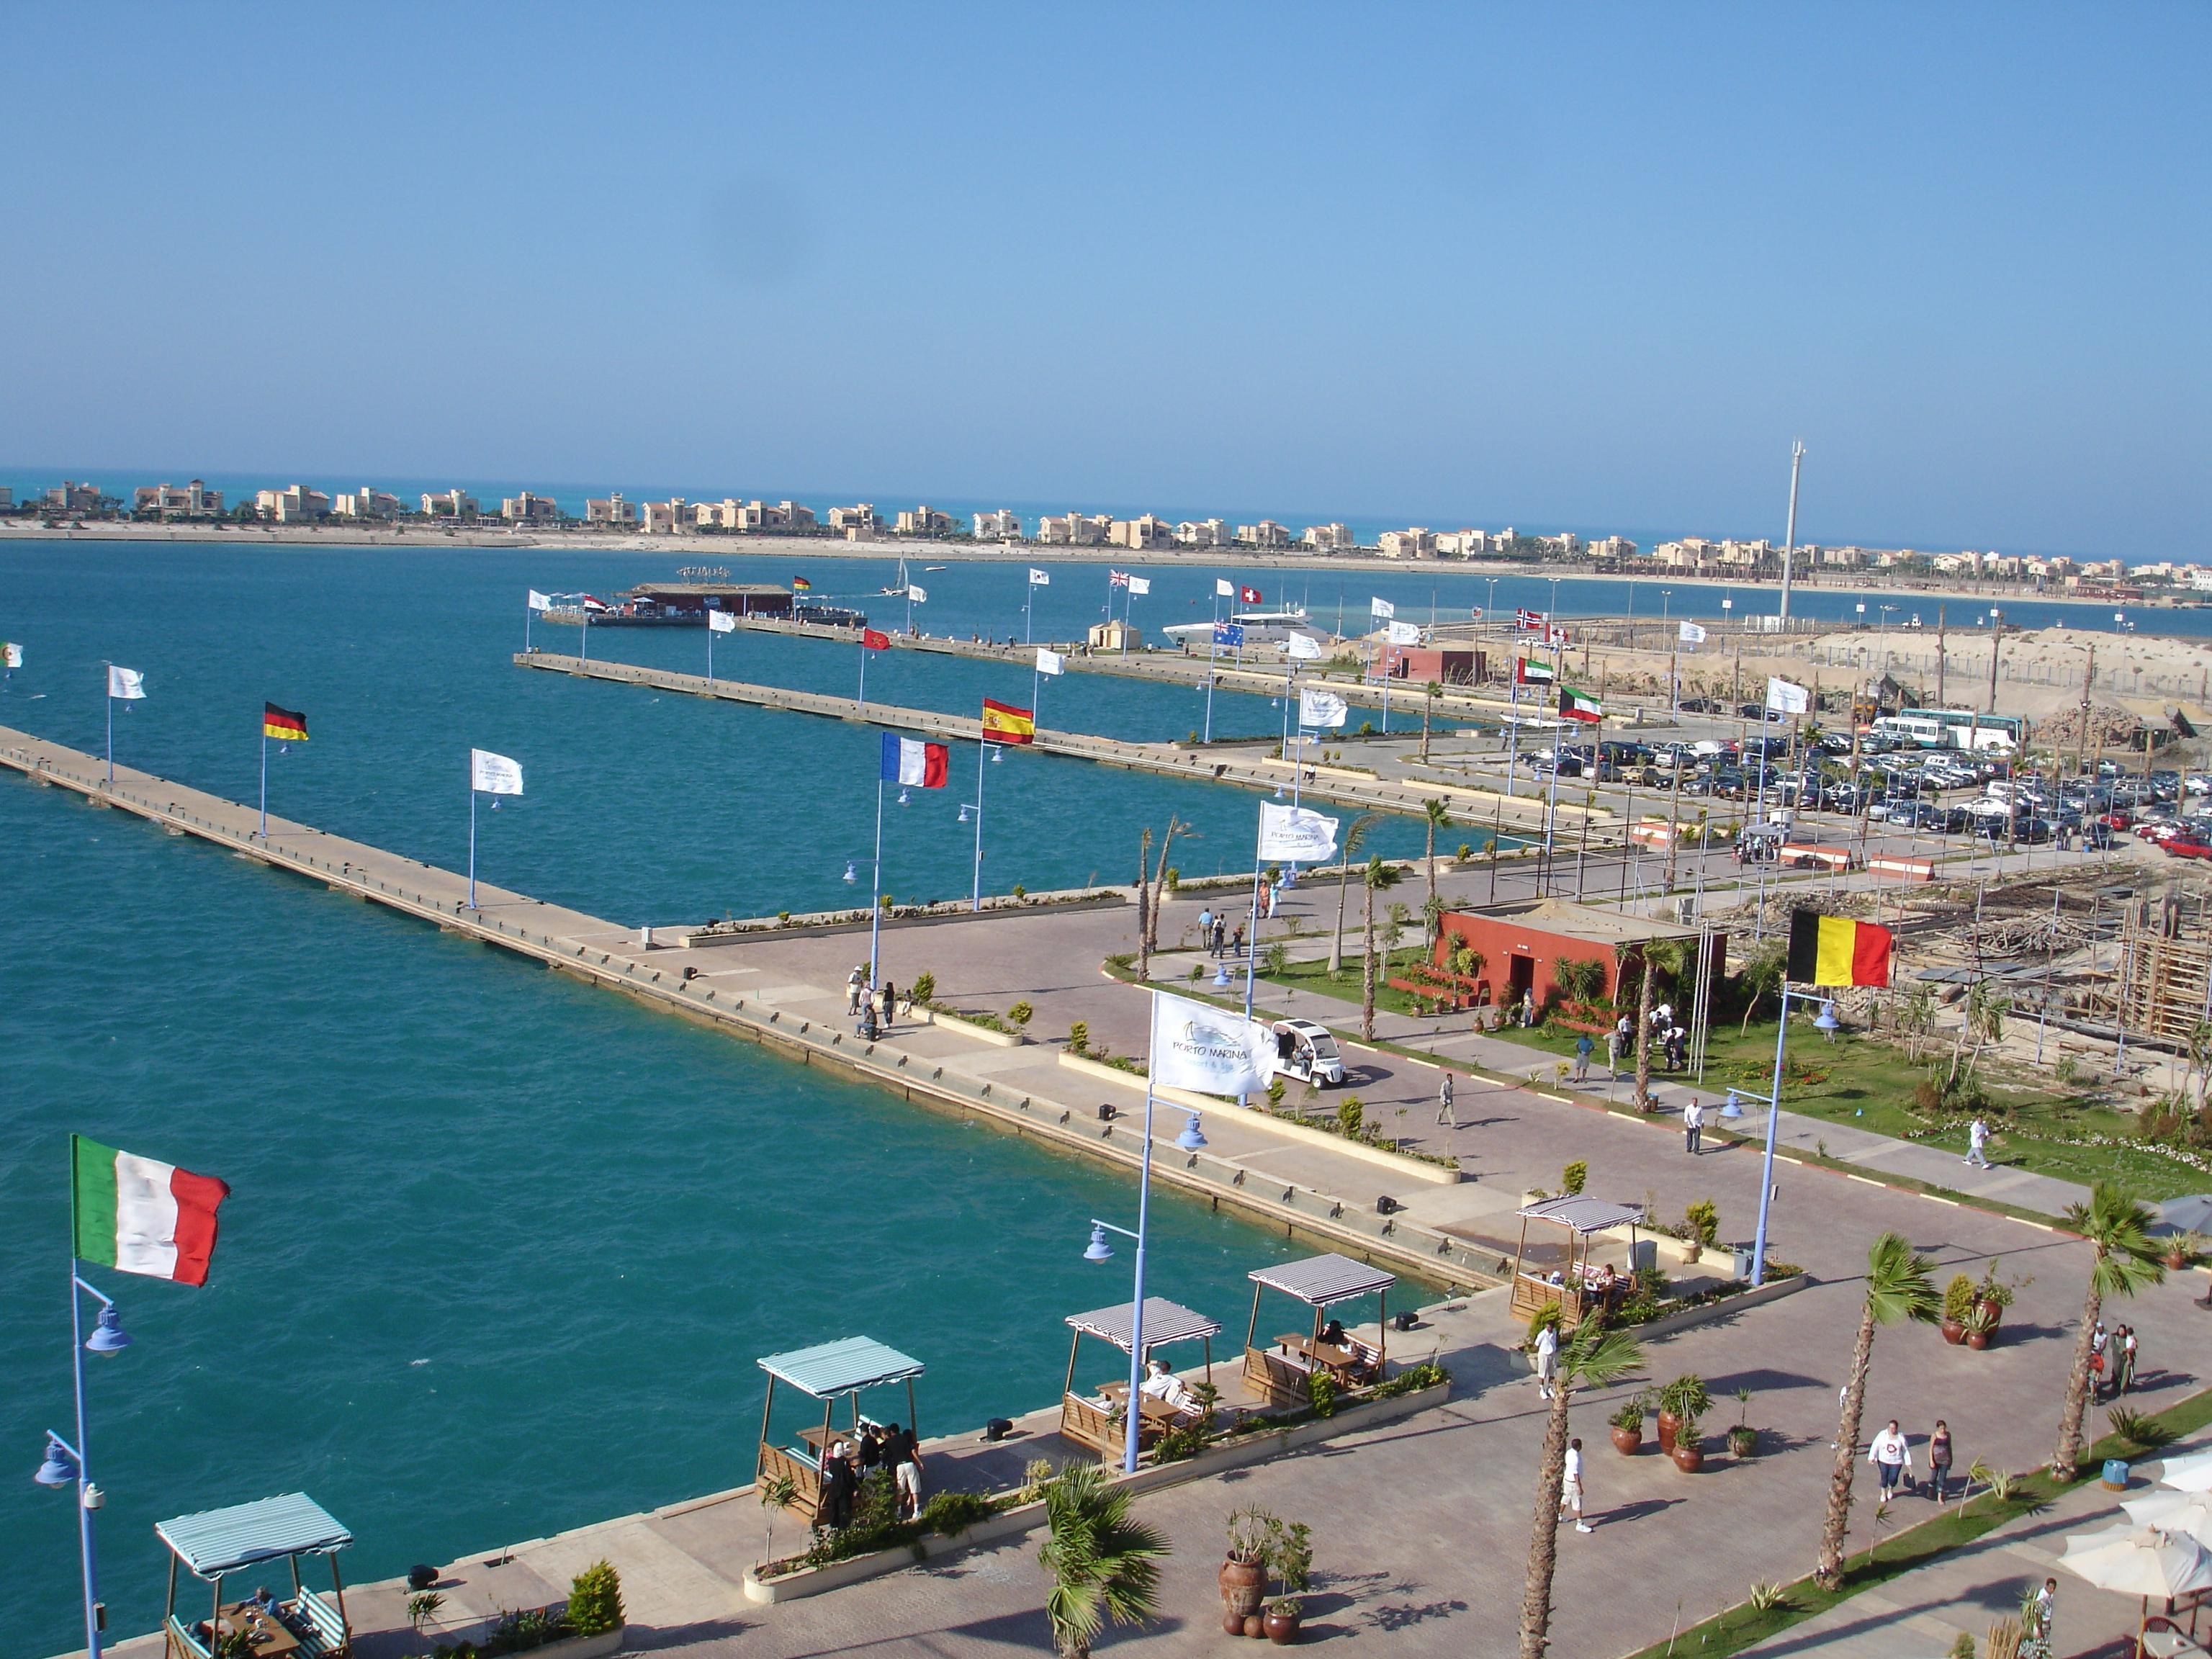 картинка фотография курорта Эль-Аламейн в Египте